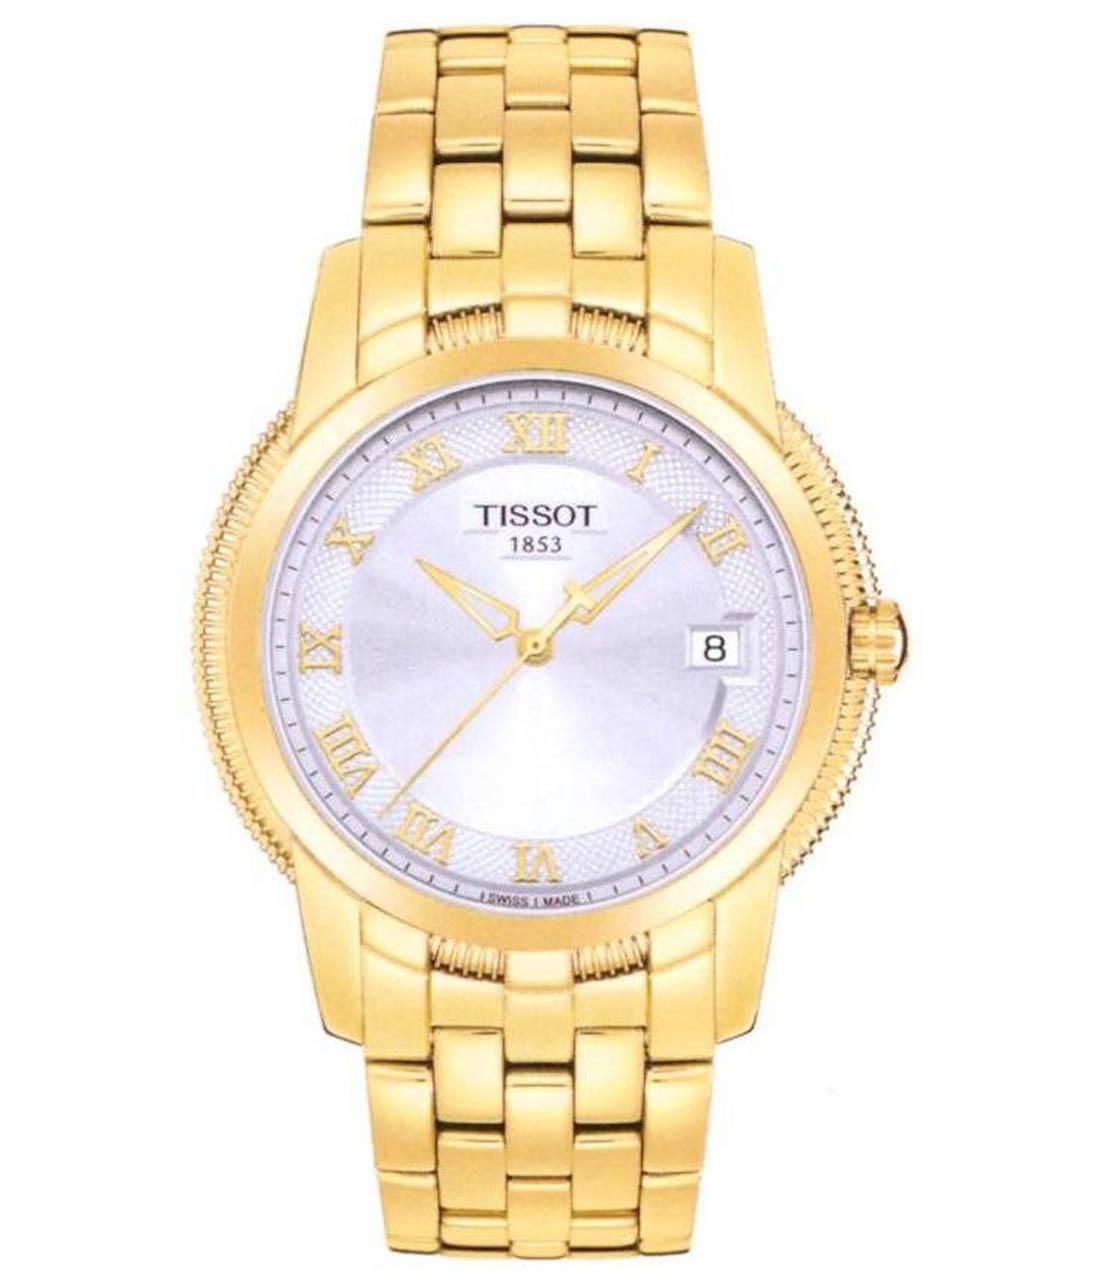 Đồng hồ Tissot T031.410.33.033.00 mạ vàng toàn bộ bề mặt